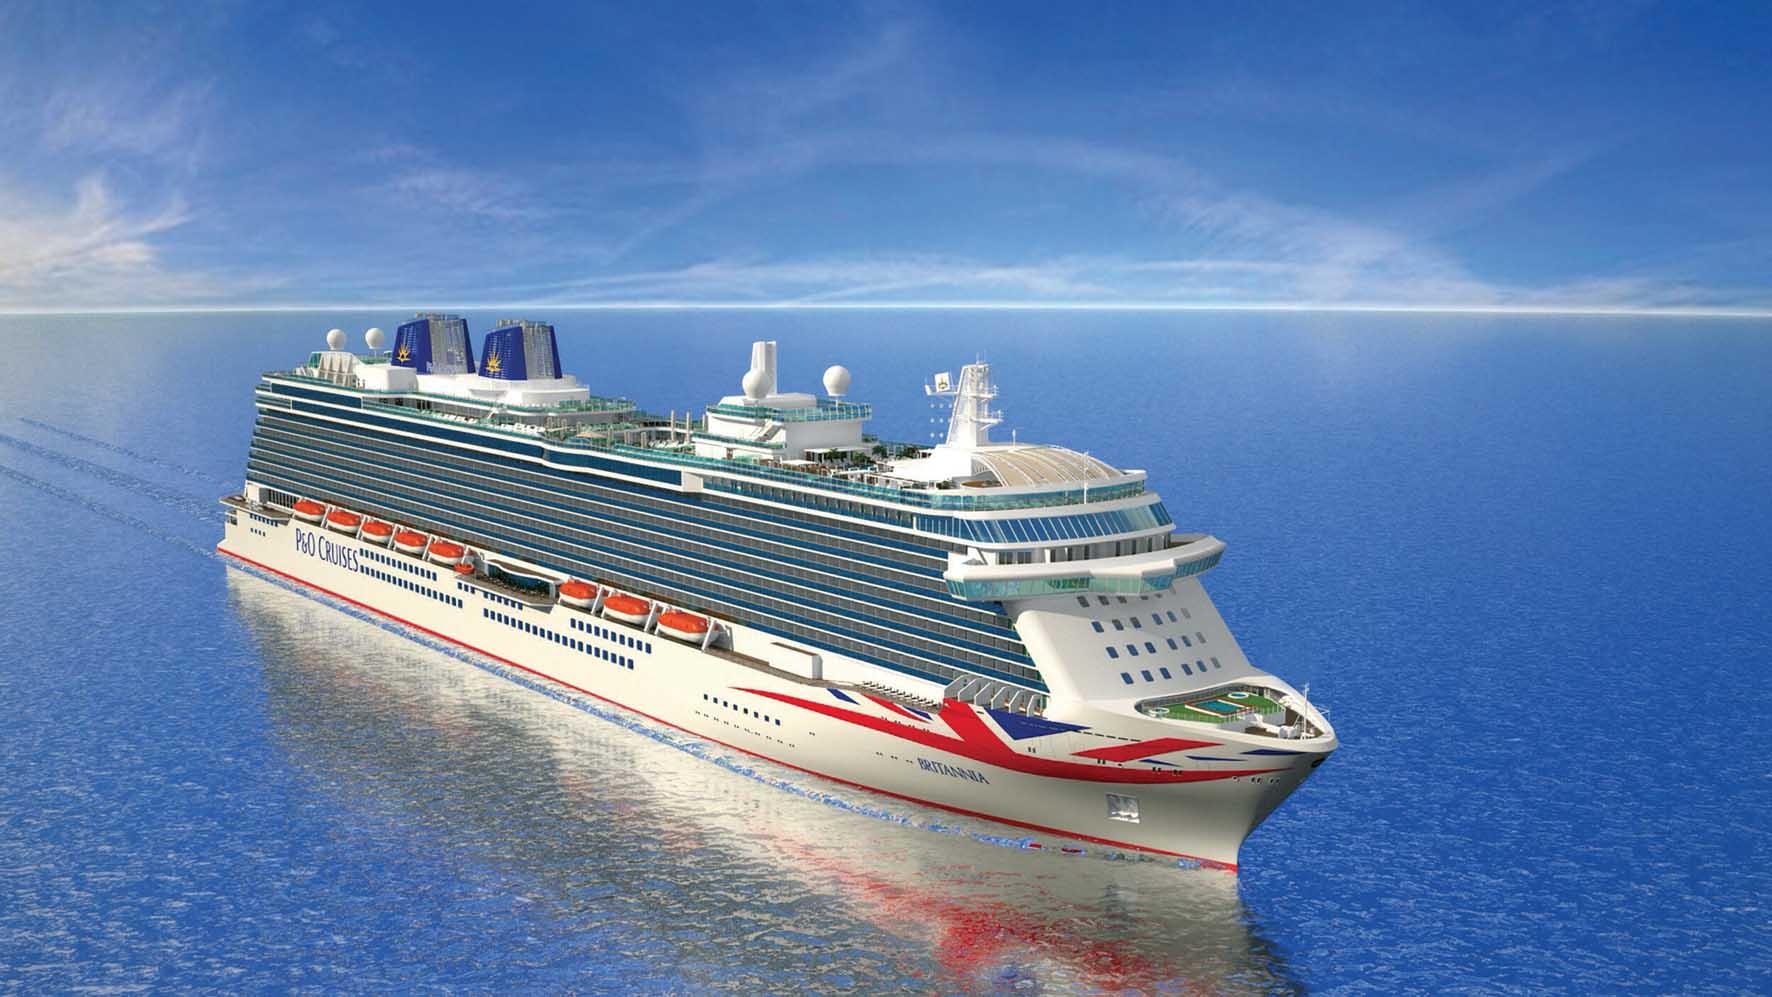 PO nave crociera Britannia cantieri fincantieri monfalcone 1 1